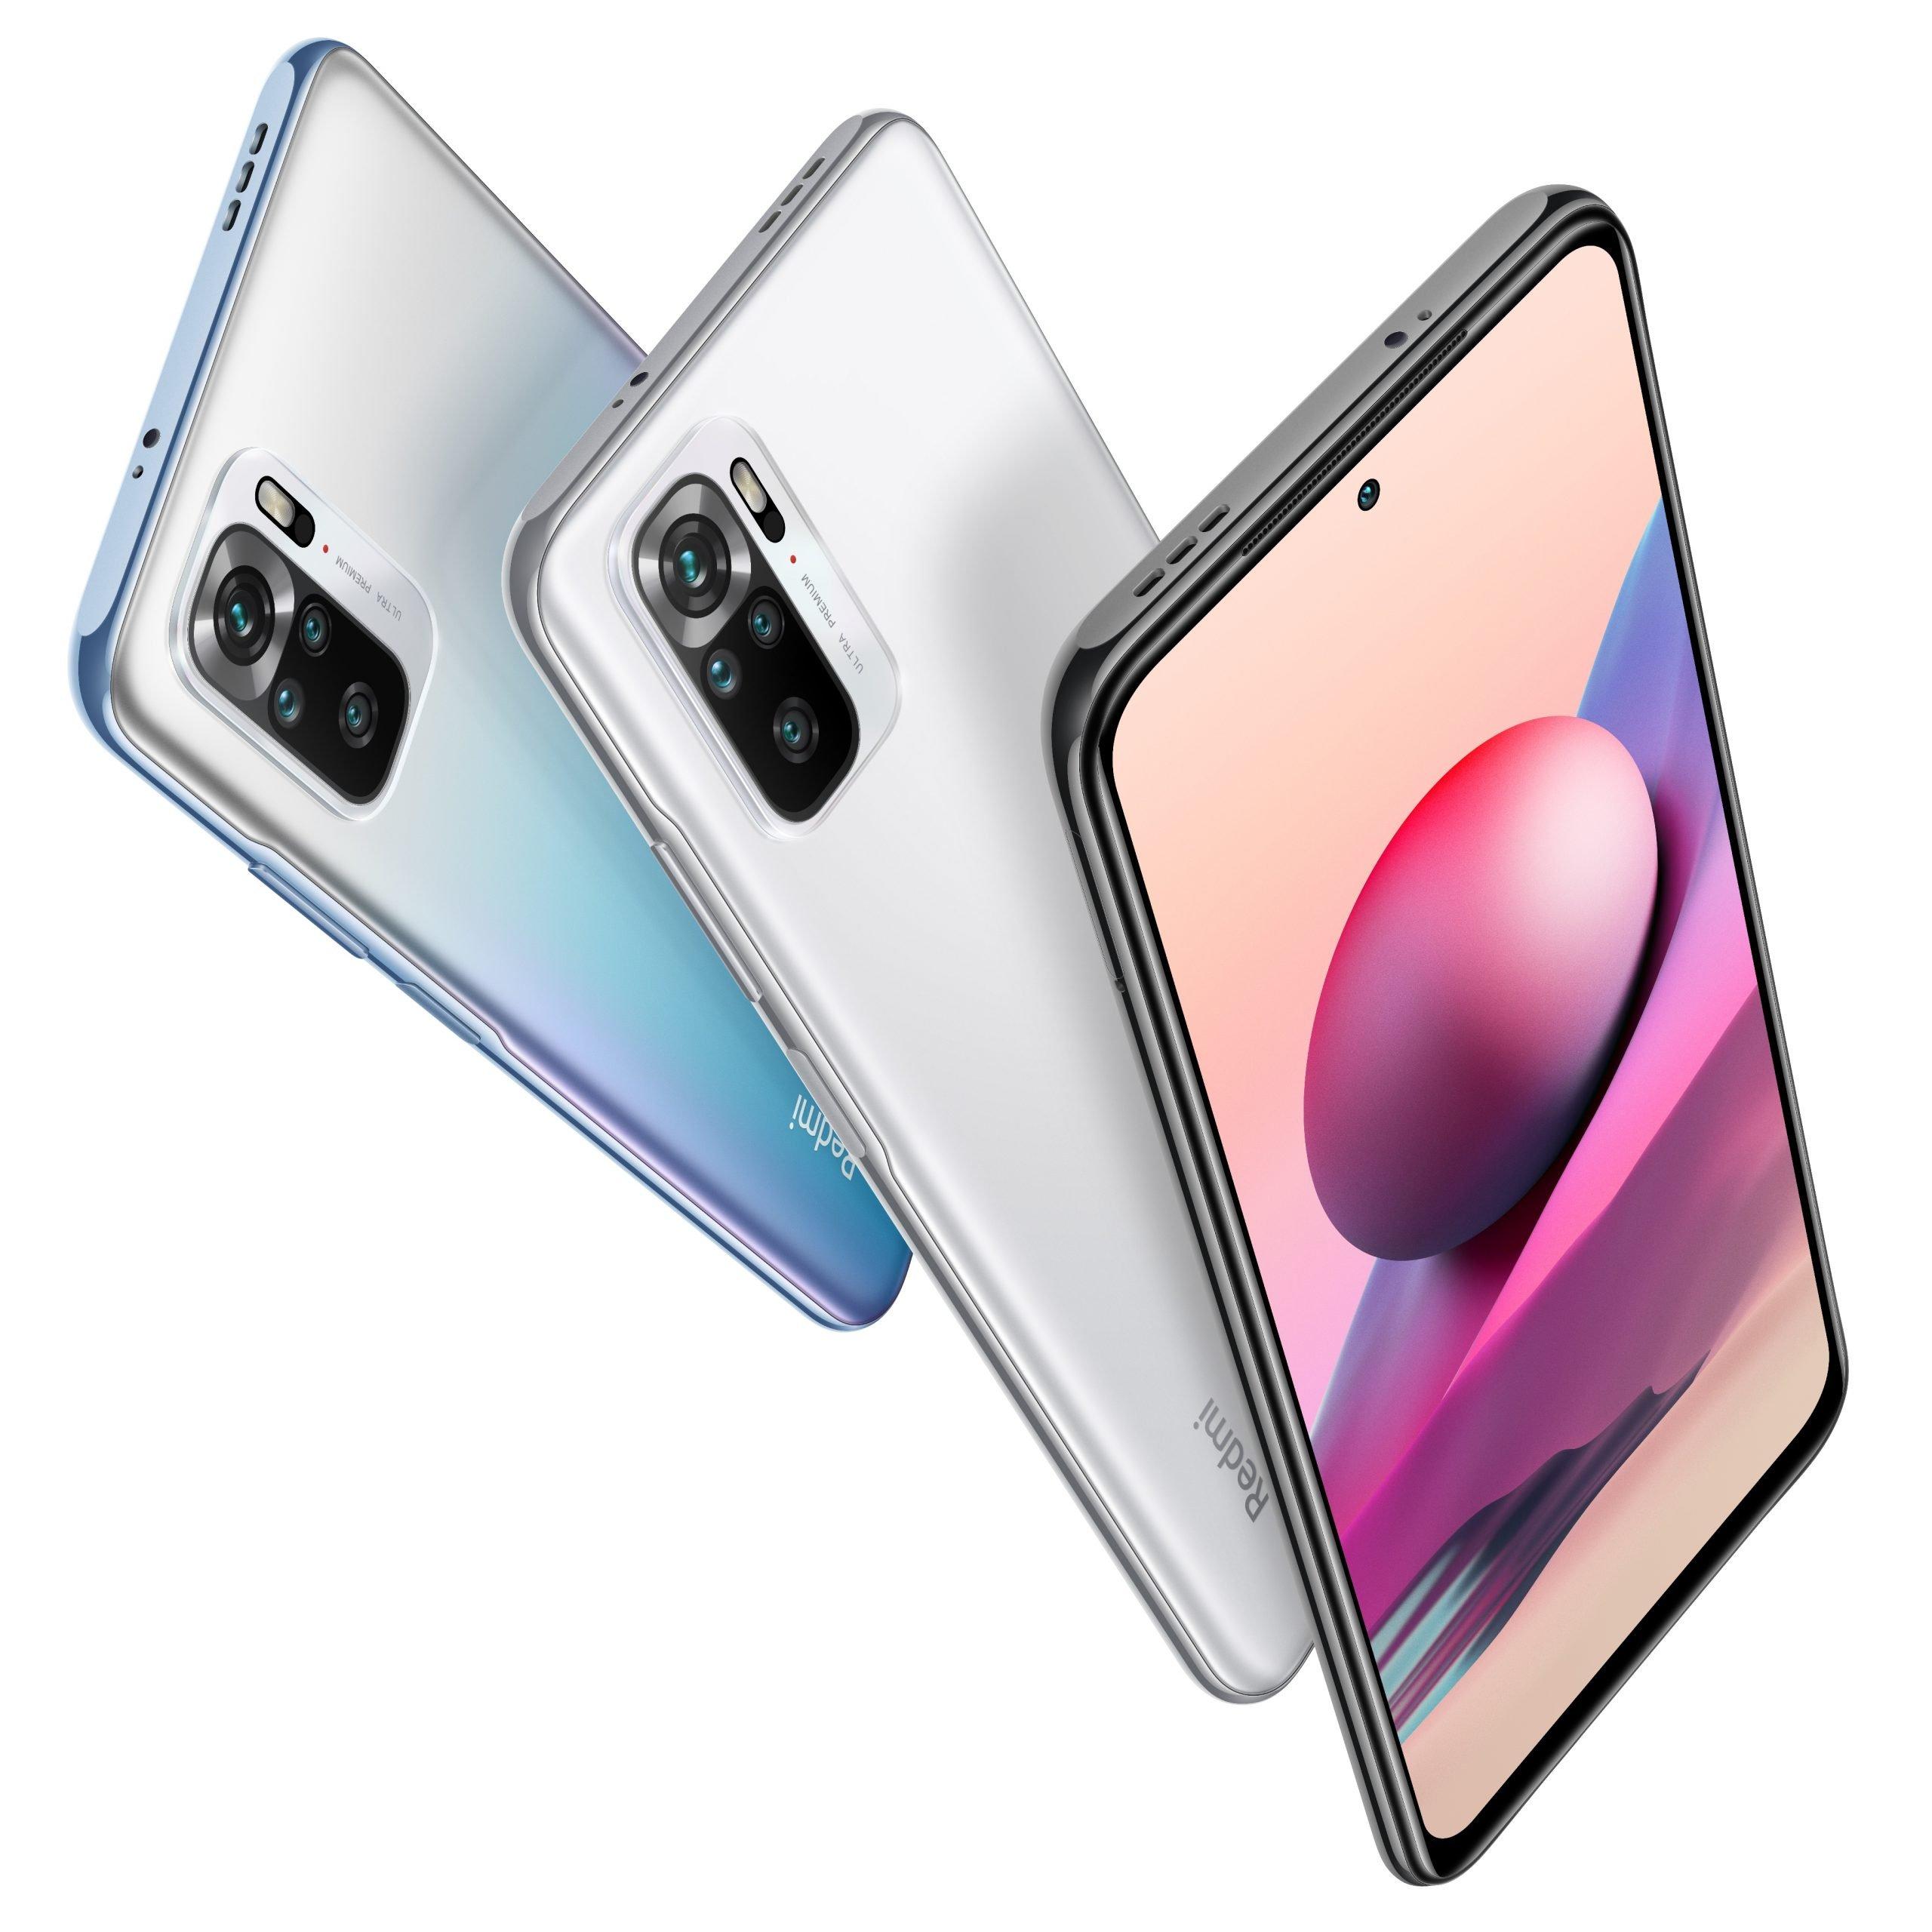 Das Redmi Note 10S und das Note 10 5G kommen in Spanien an: Preis und Verfügbarkeit. Nachrichten Xiaomi Addicts